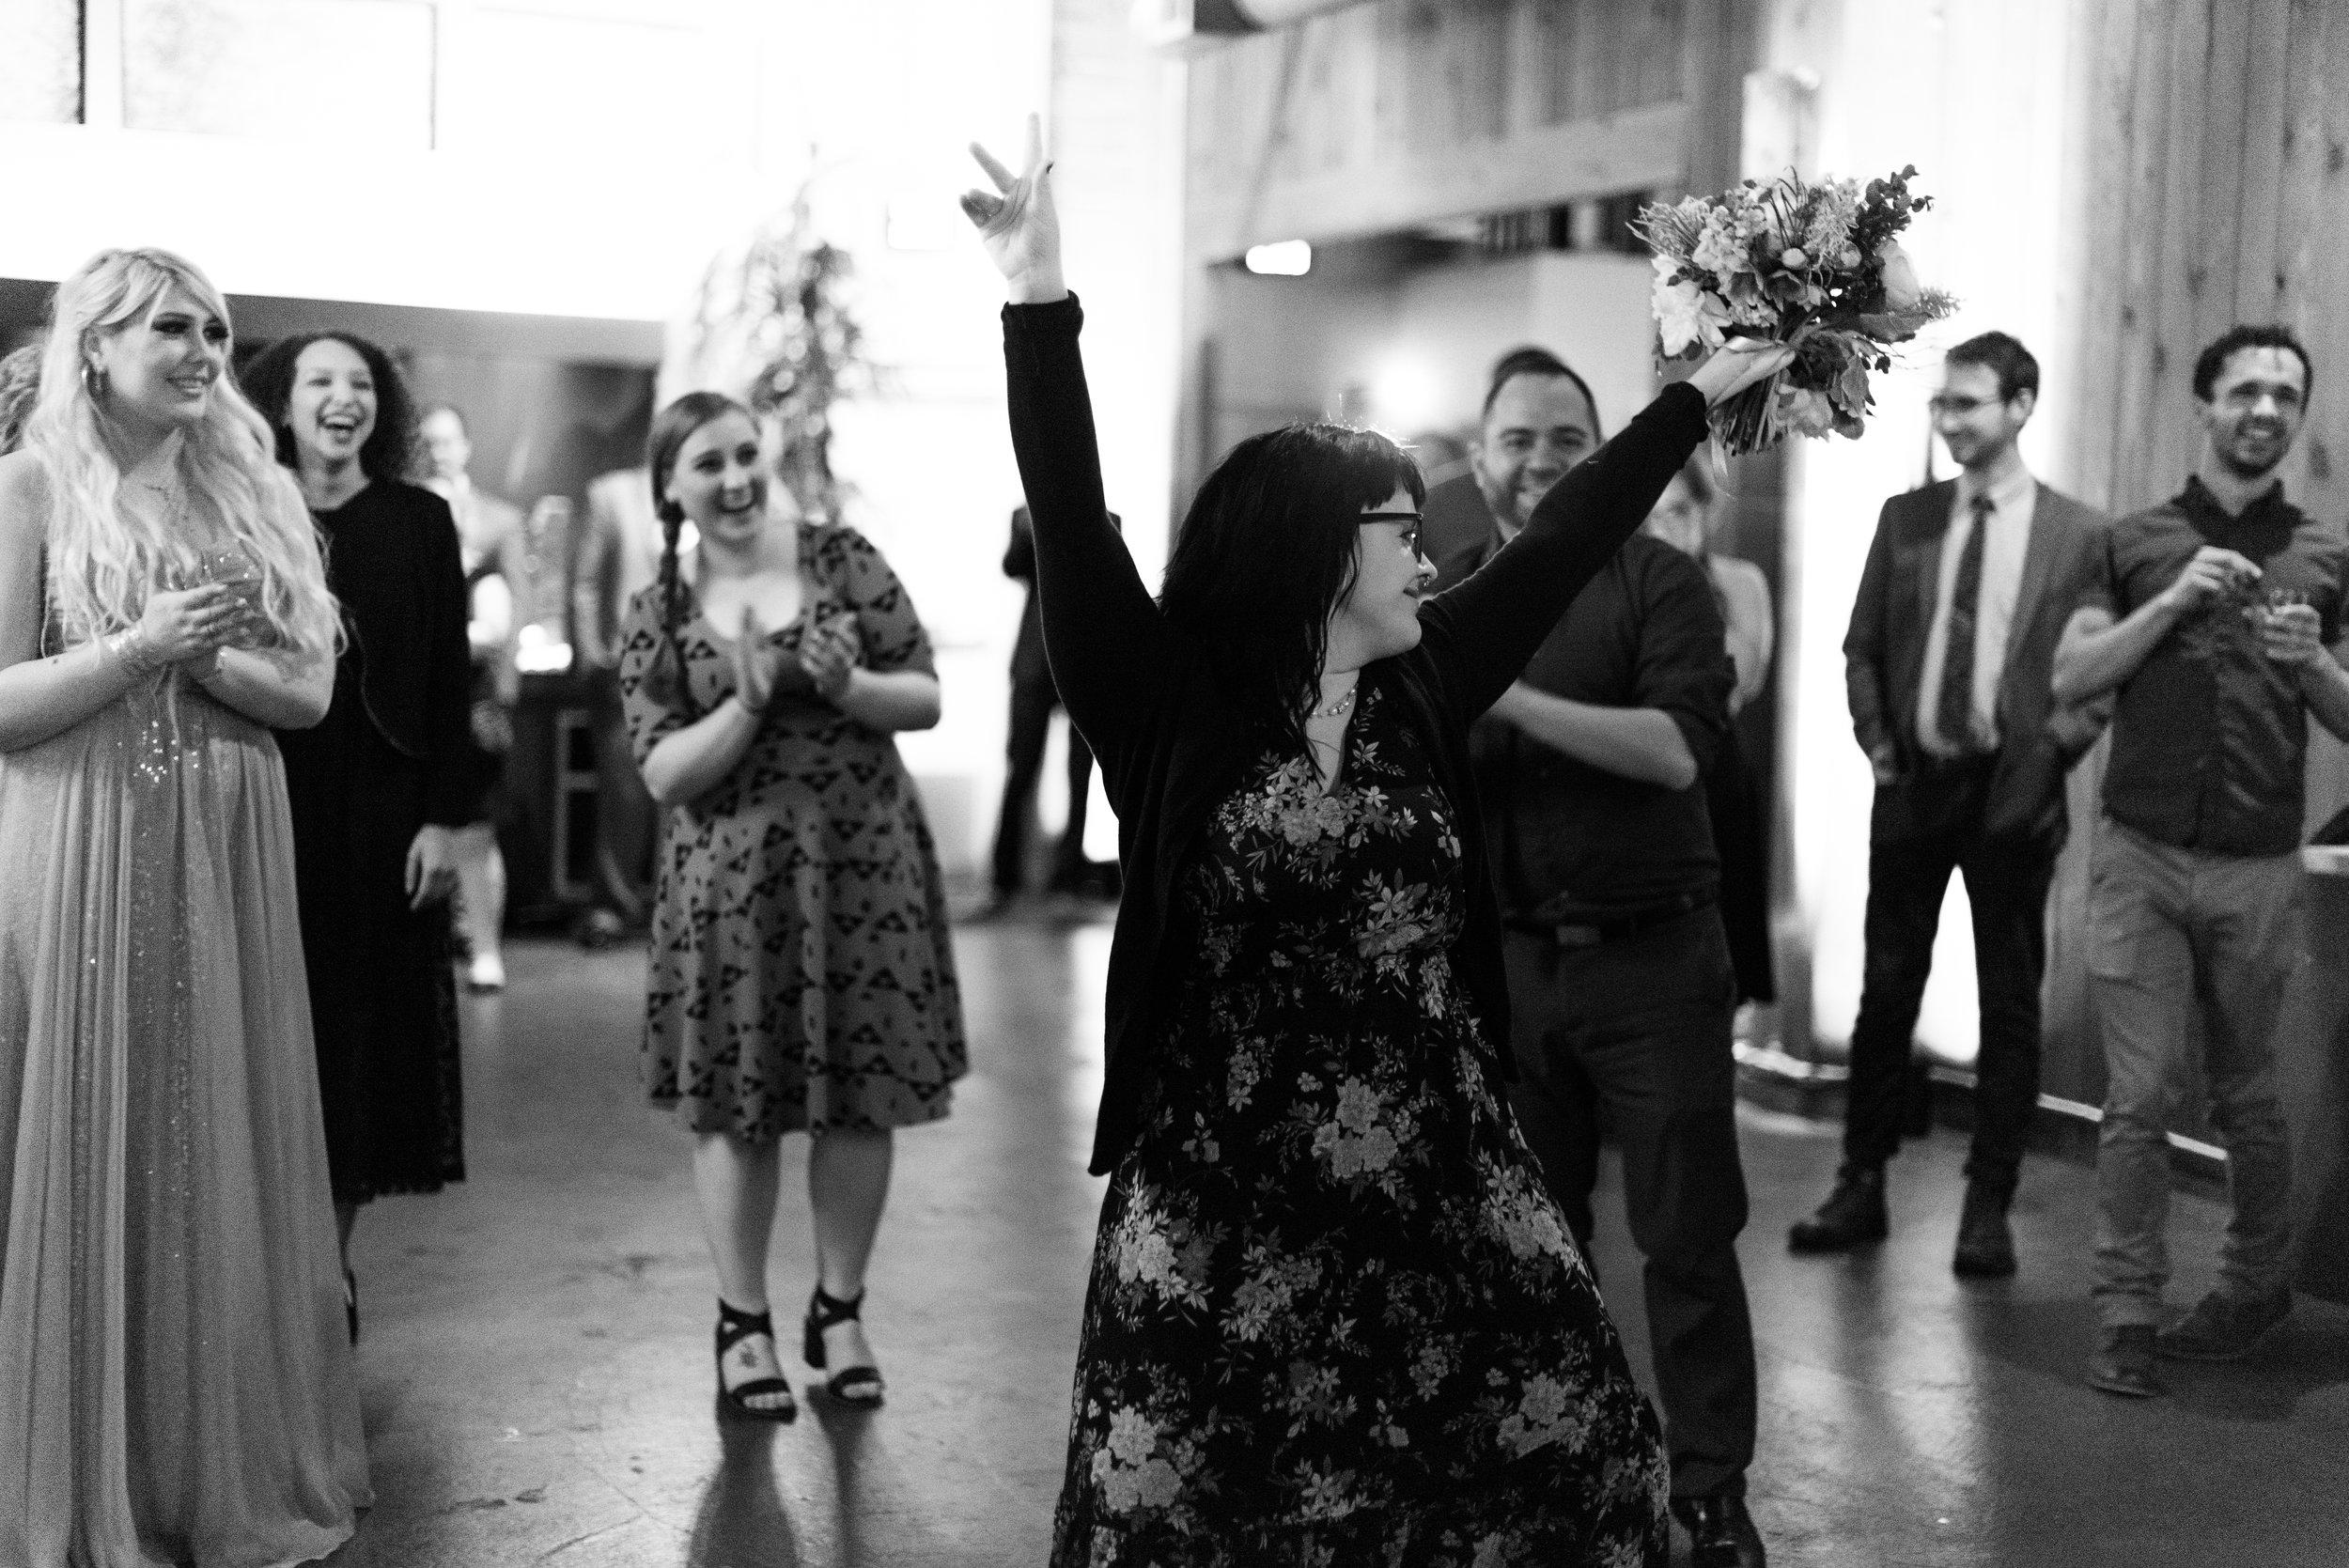 08 Dancing-8084.jpg